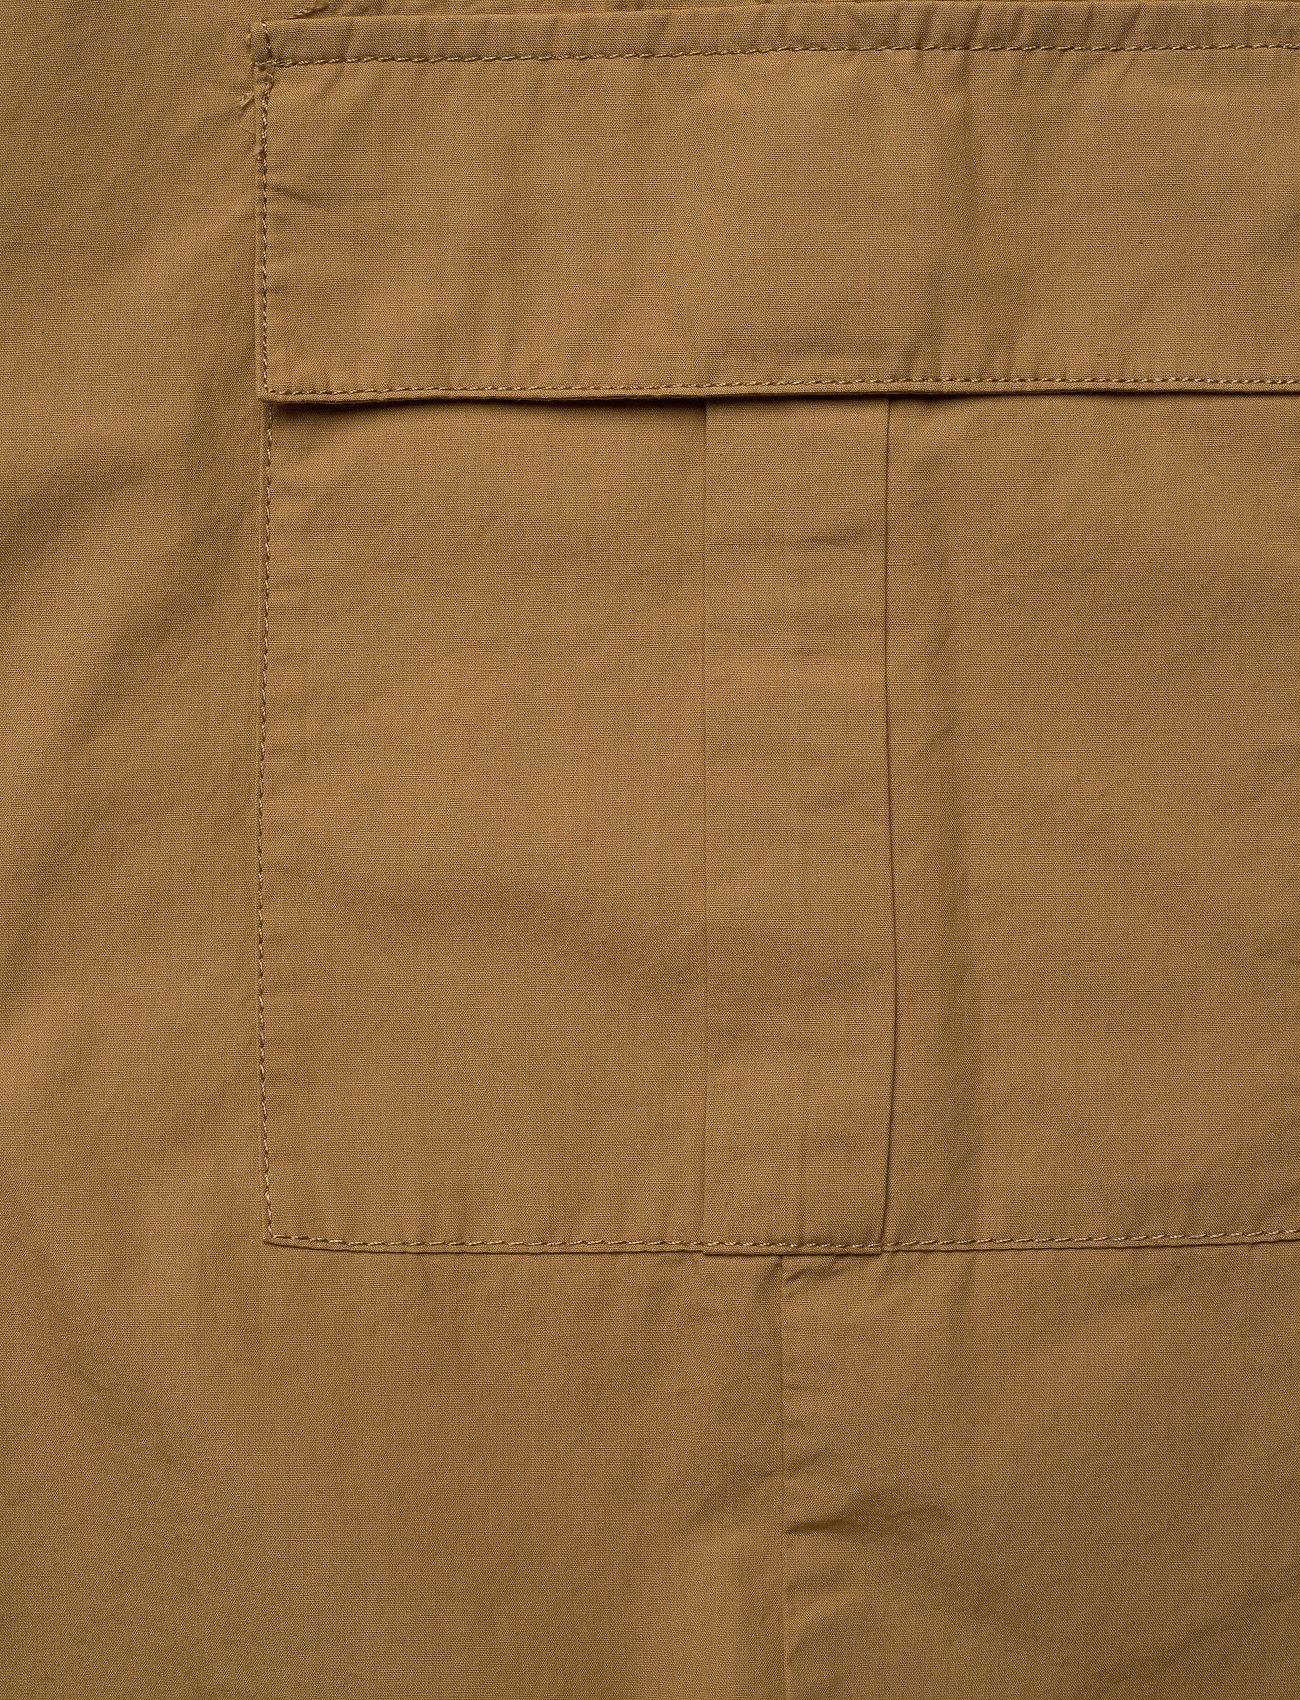 Baliagz Shorts Ms20 (Khaki) (599.40 kr) - Gestuz